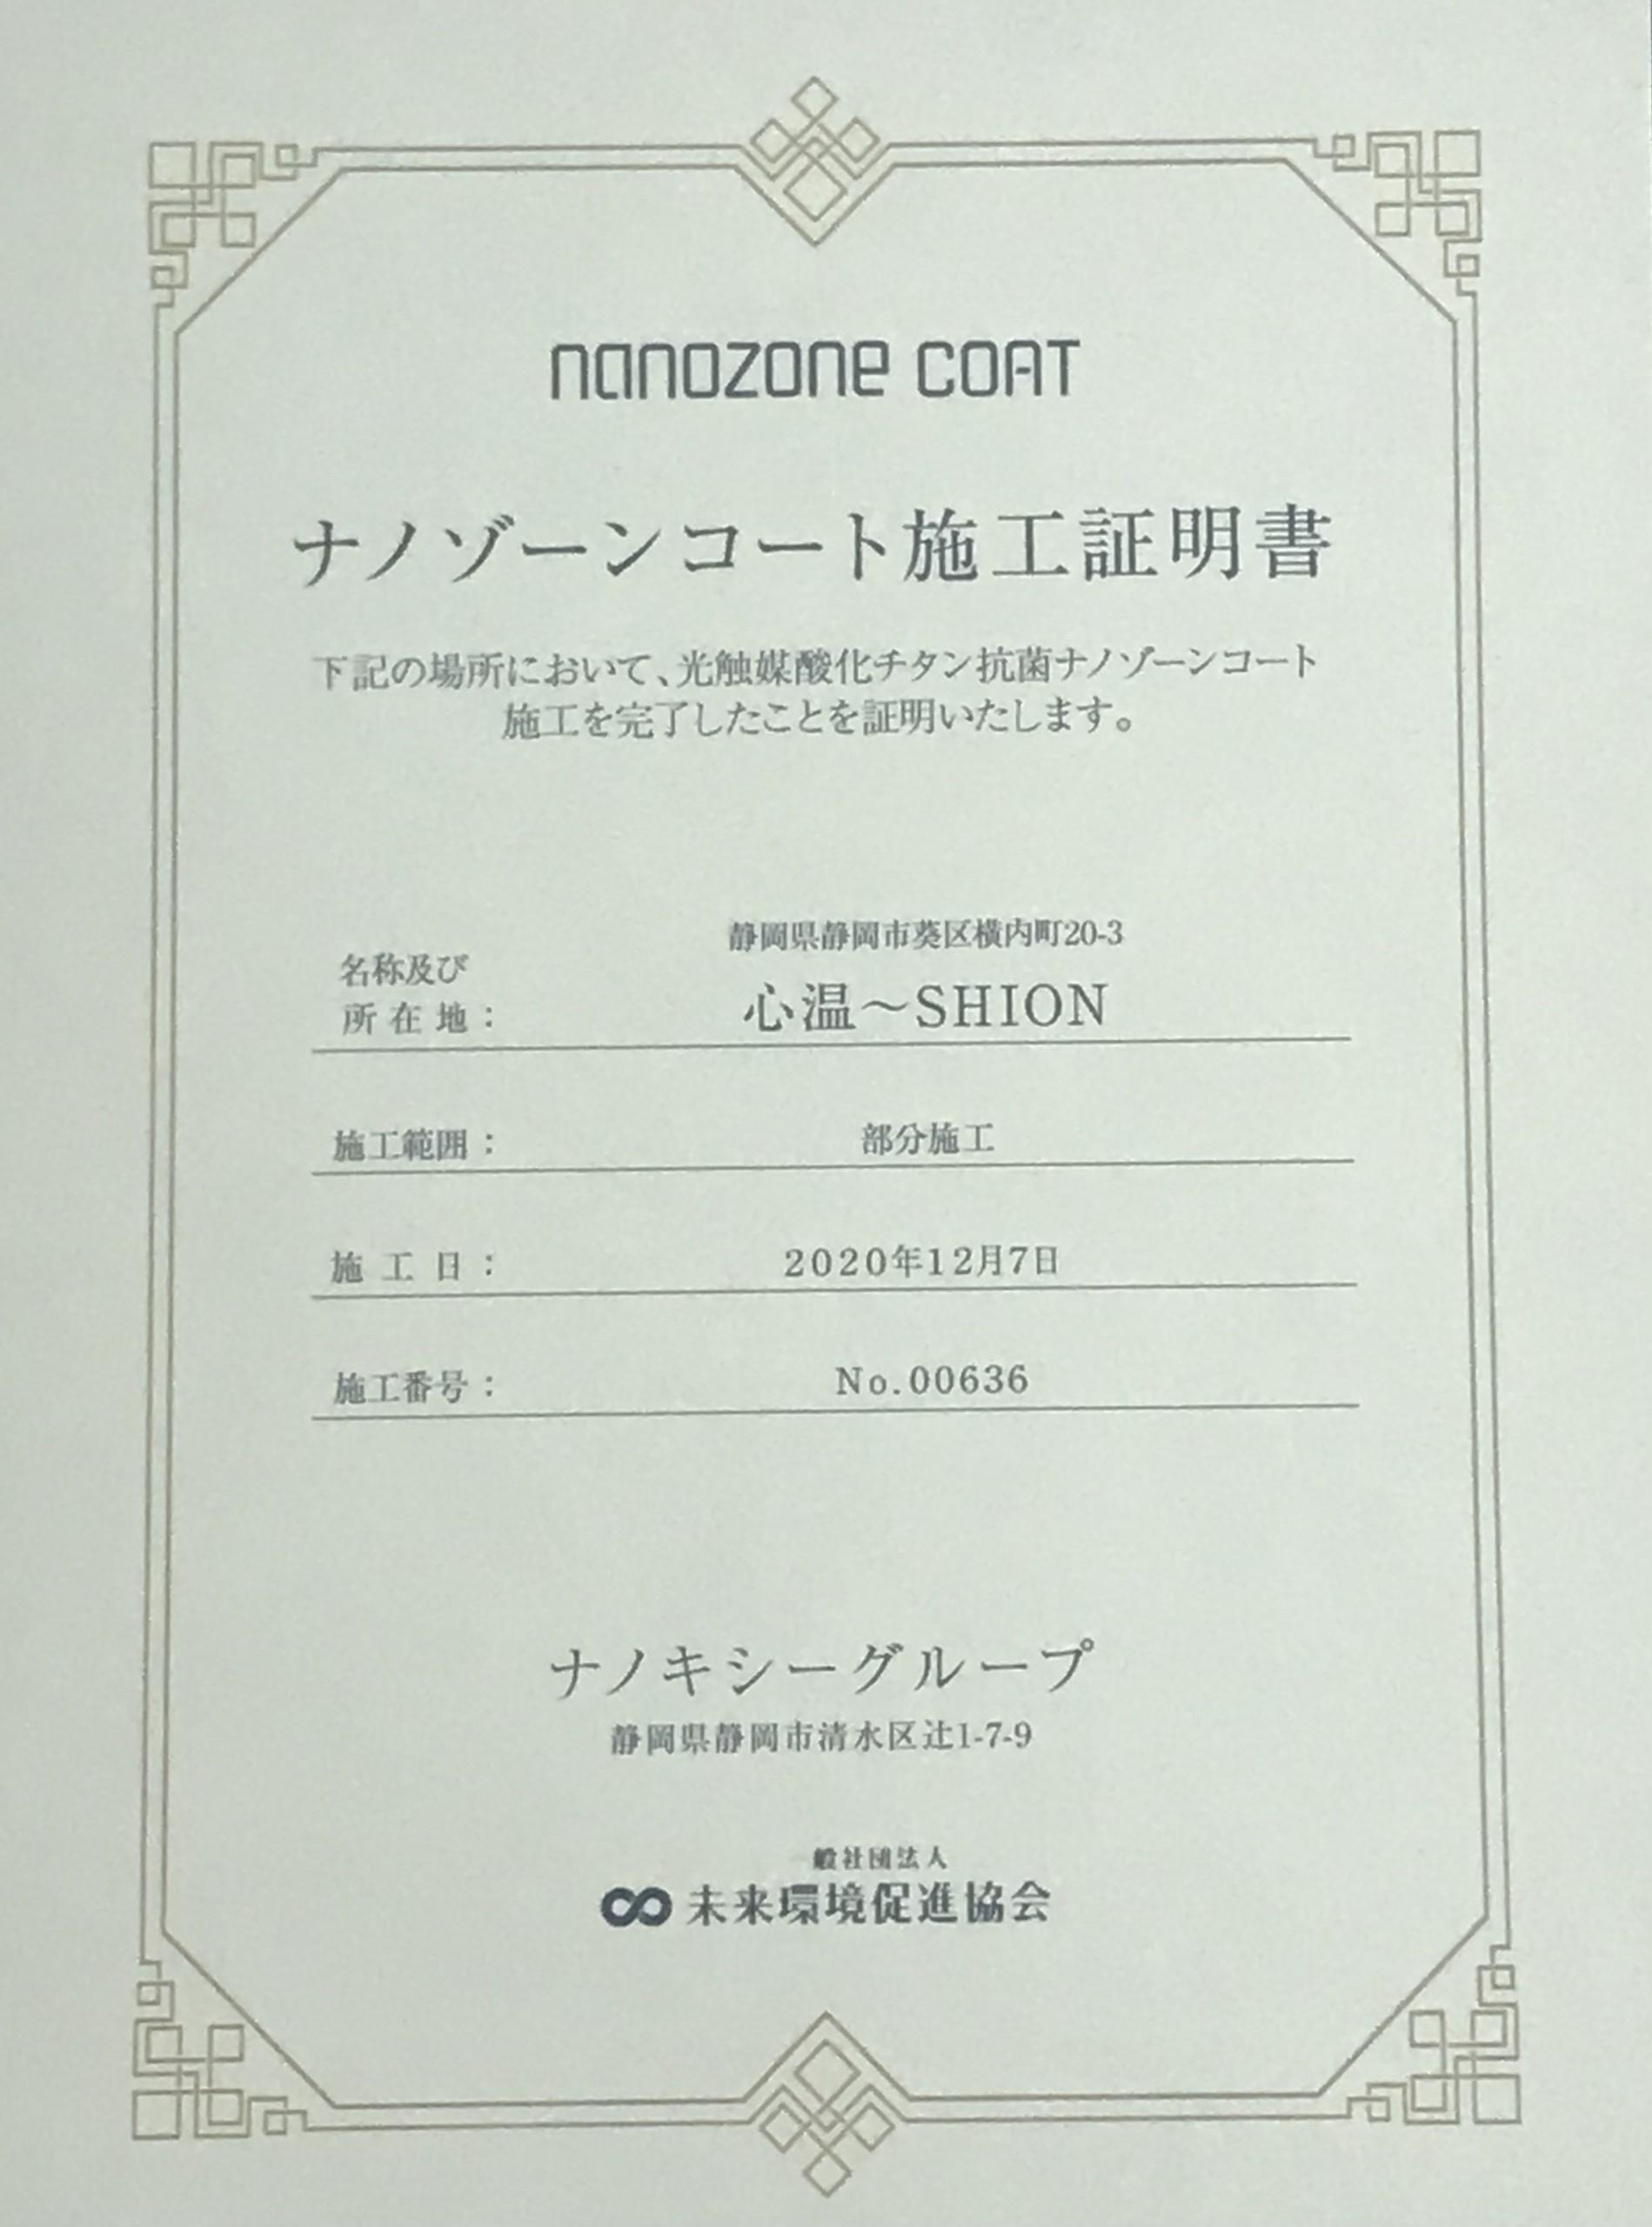 コロナ対策 ナノゾーンコート実施証明書